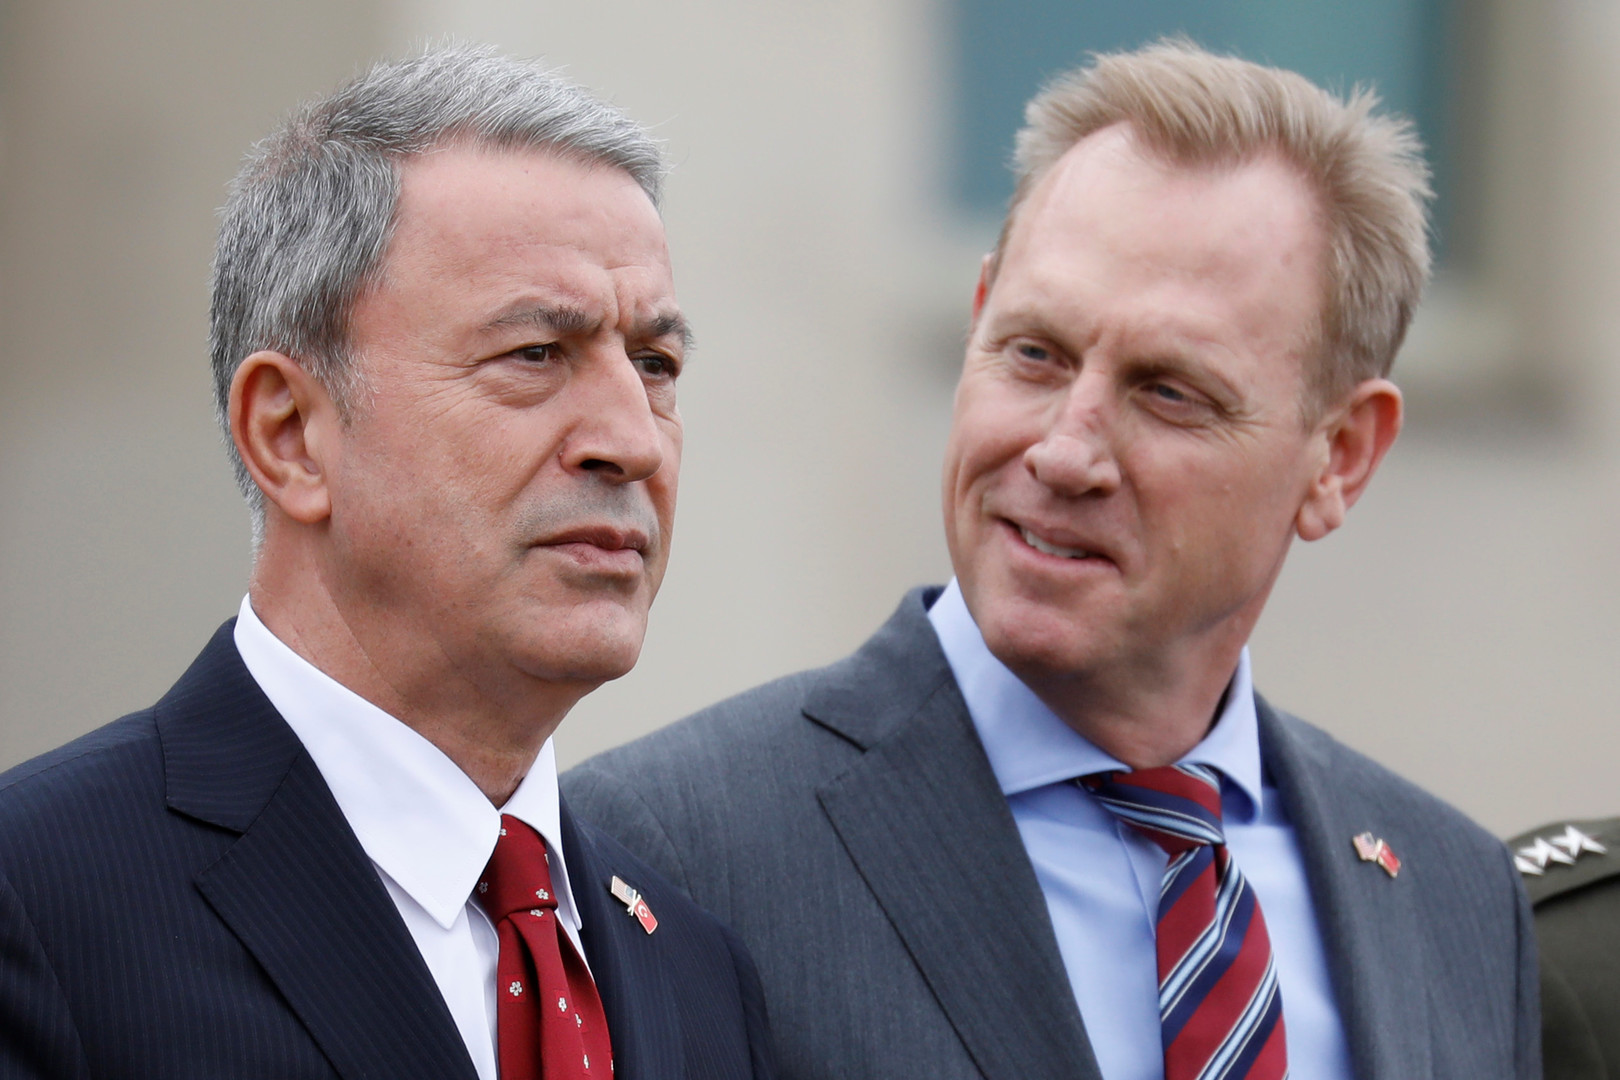 وزير الدفاع التركي خلوصي أكار والقائم بأعمال وزير الدفاع الأمريكي باريك شاناهان - أرشيف